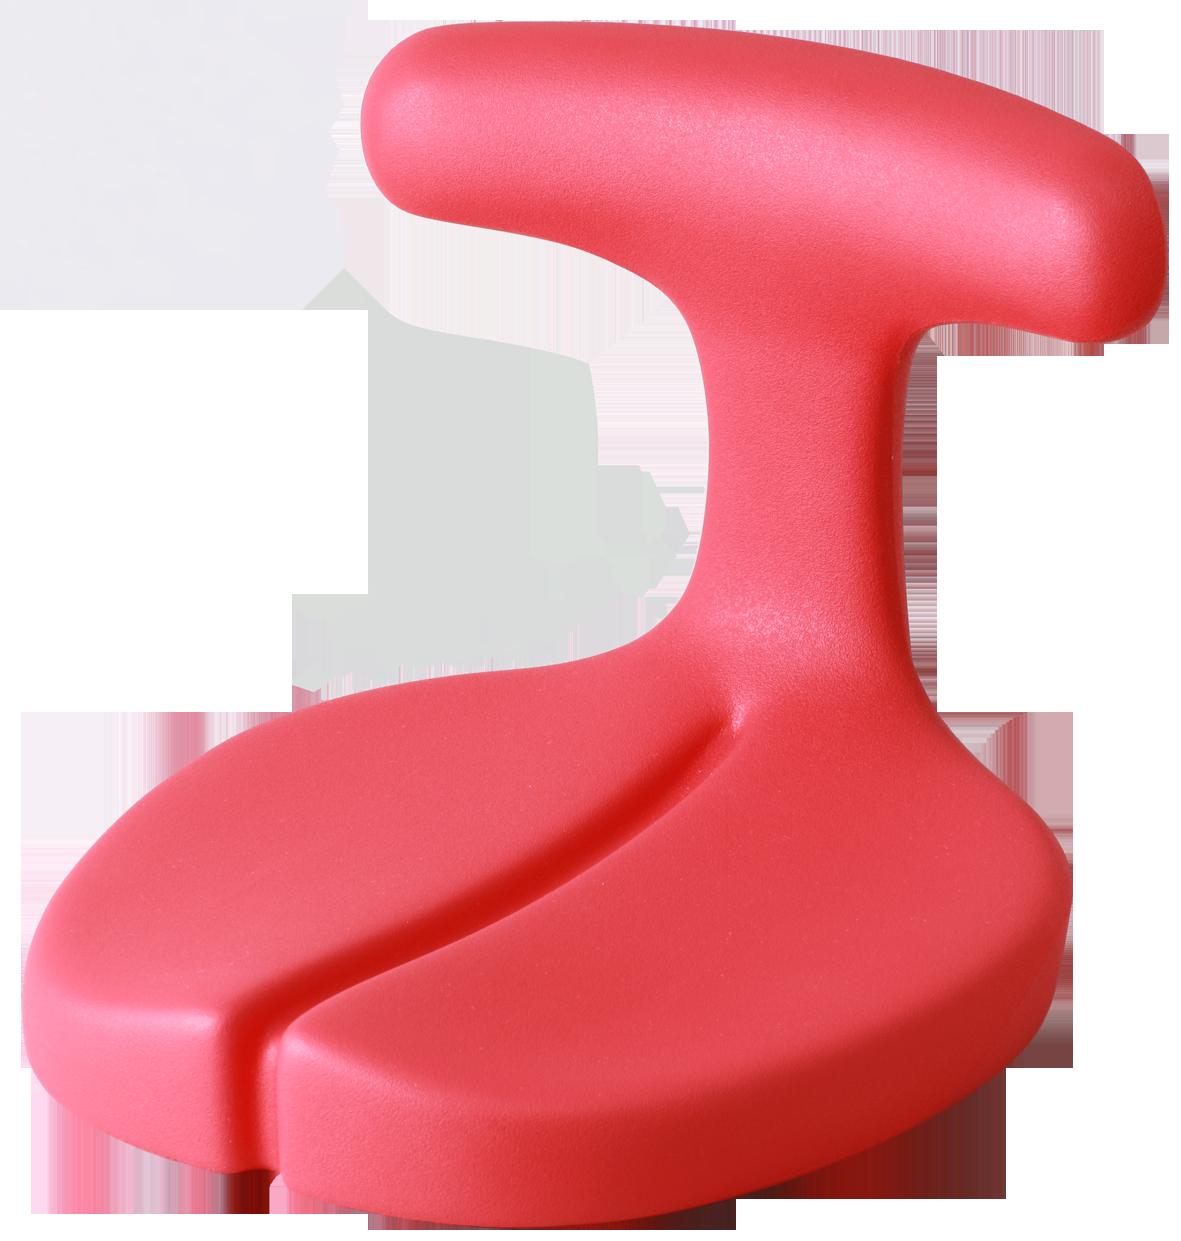 腰痛持ち必見!椅子にも座椅子にもなる新発想スツール。